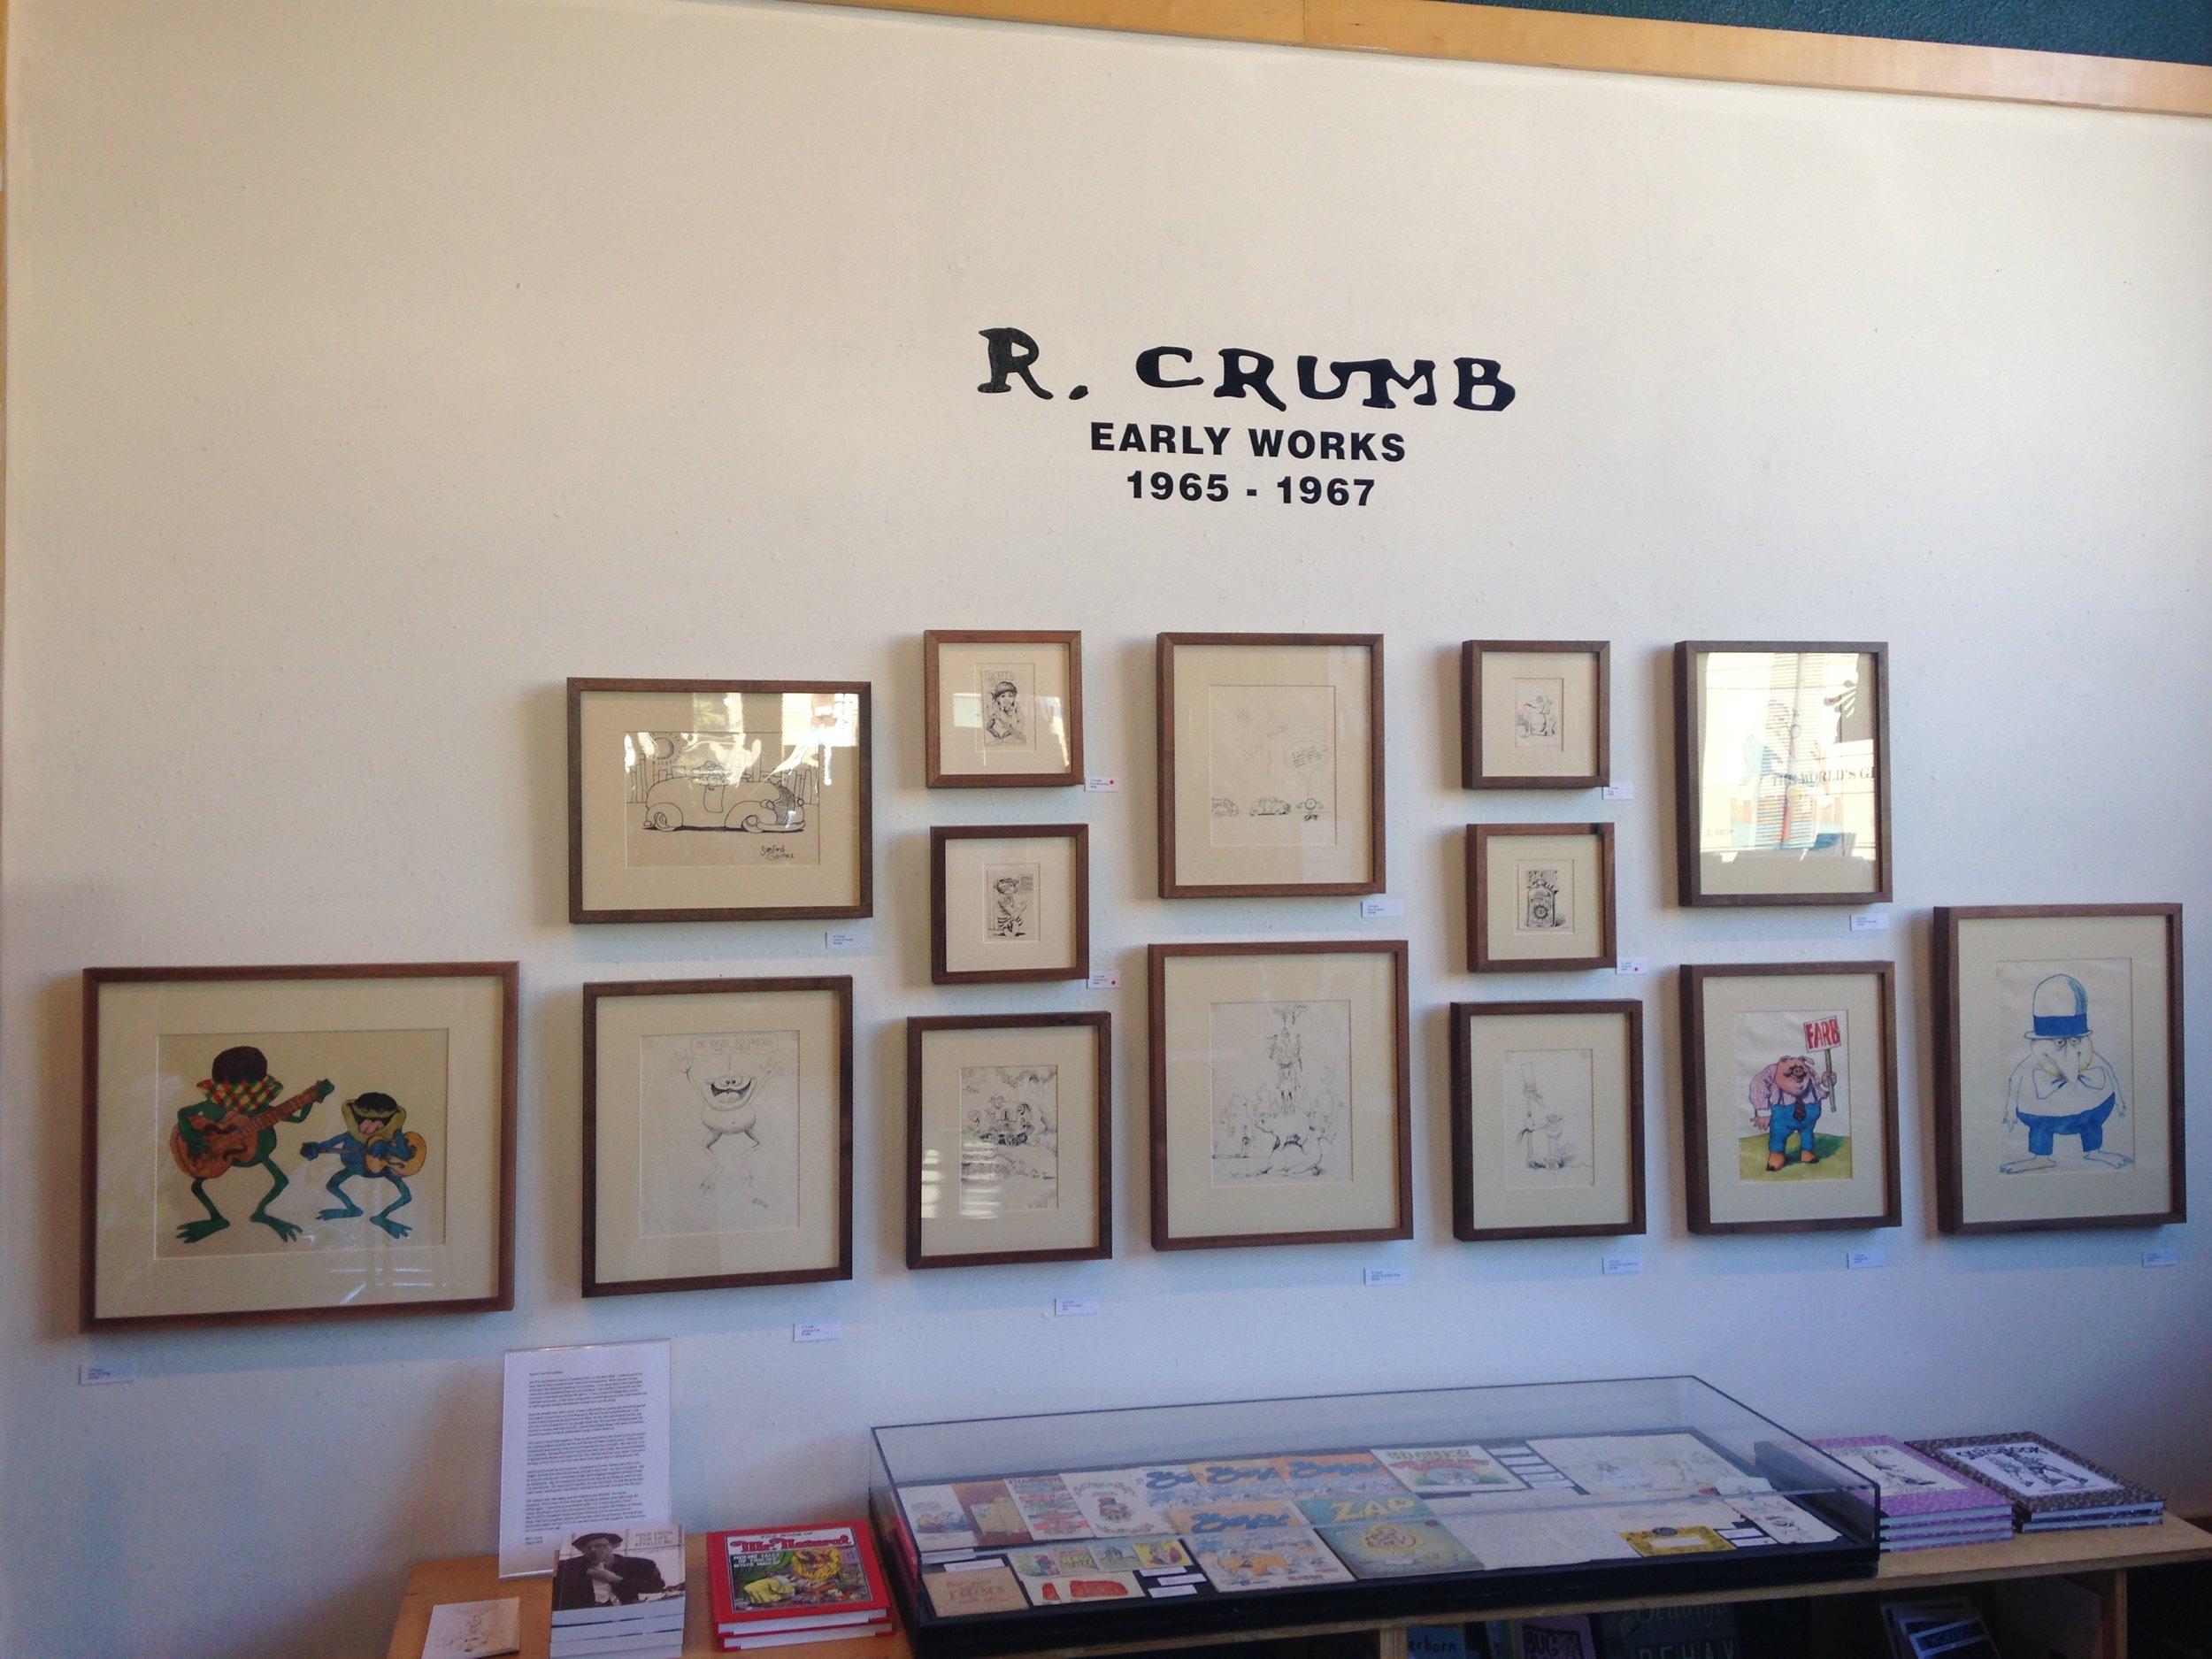 r. crumb at fantagraphics